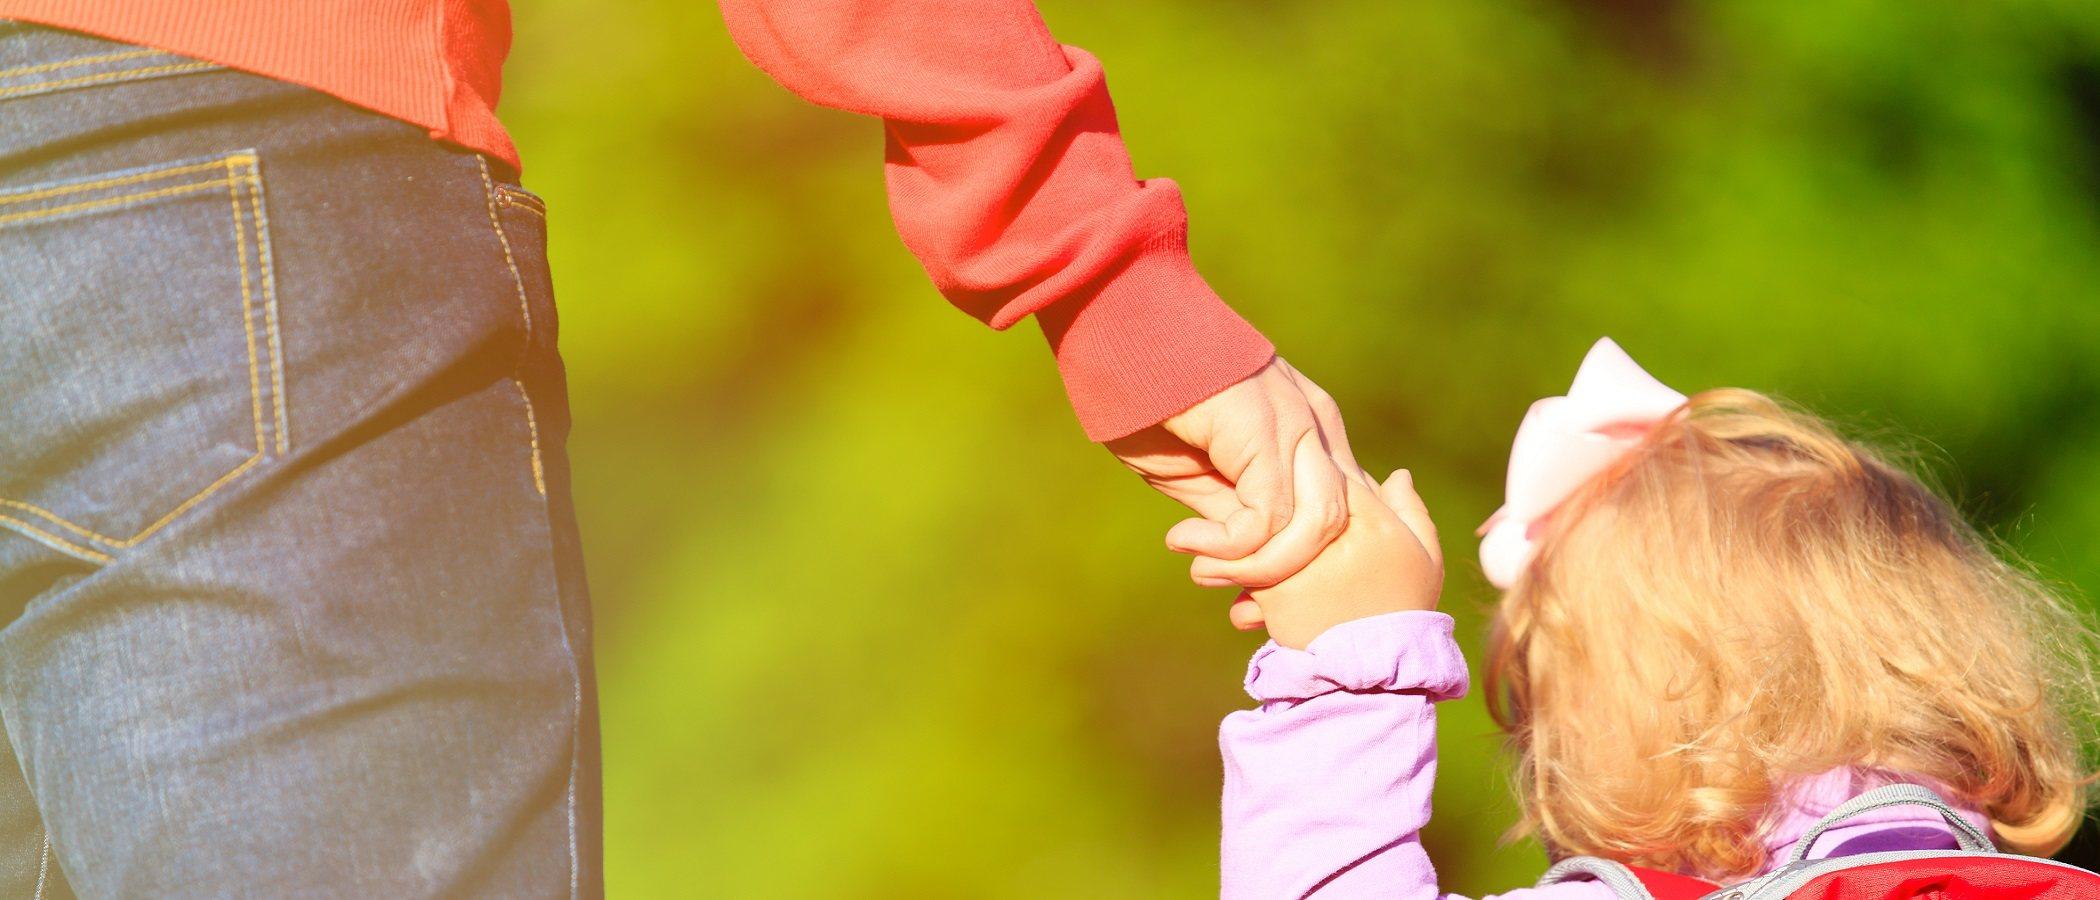 Consecuencias de no estar de acuerdo en la crianza de los hijos